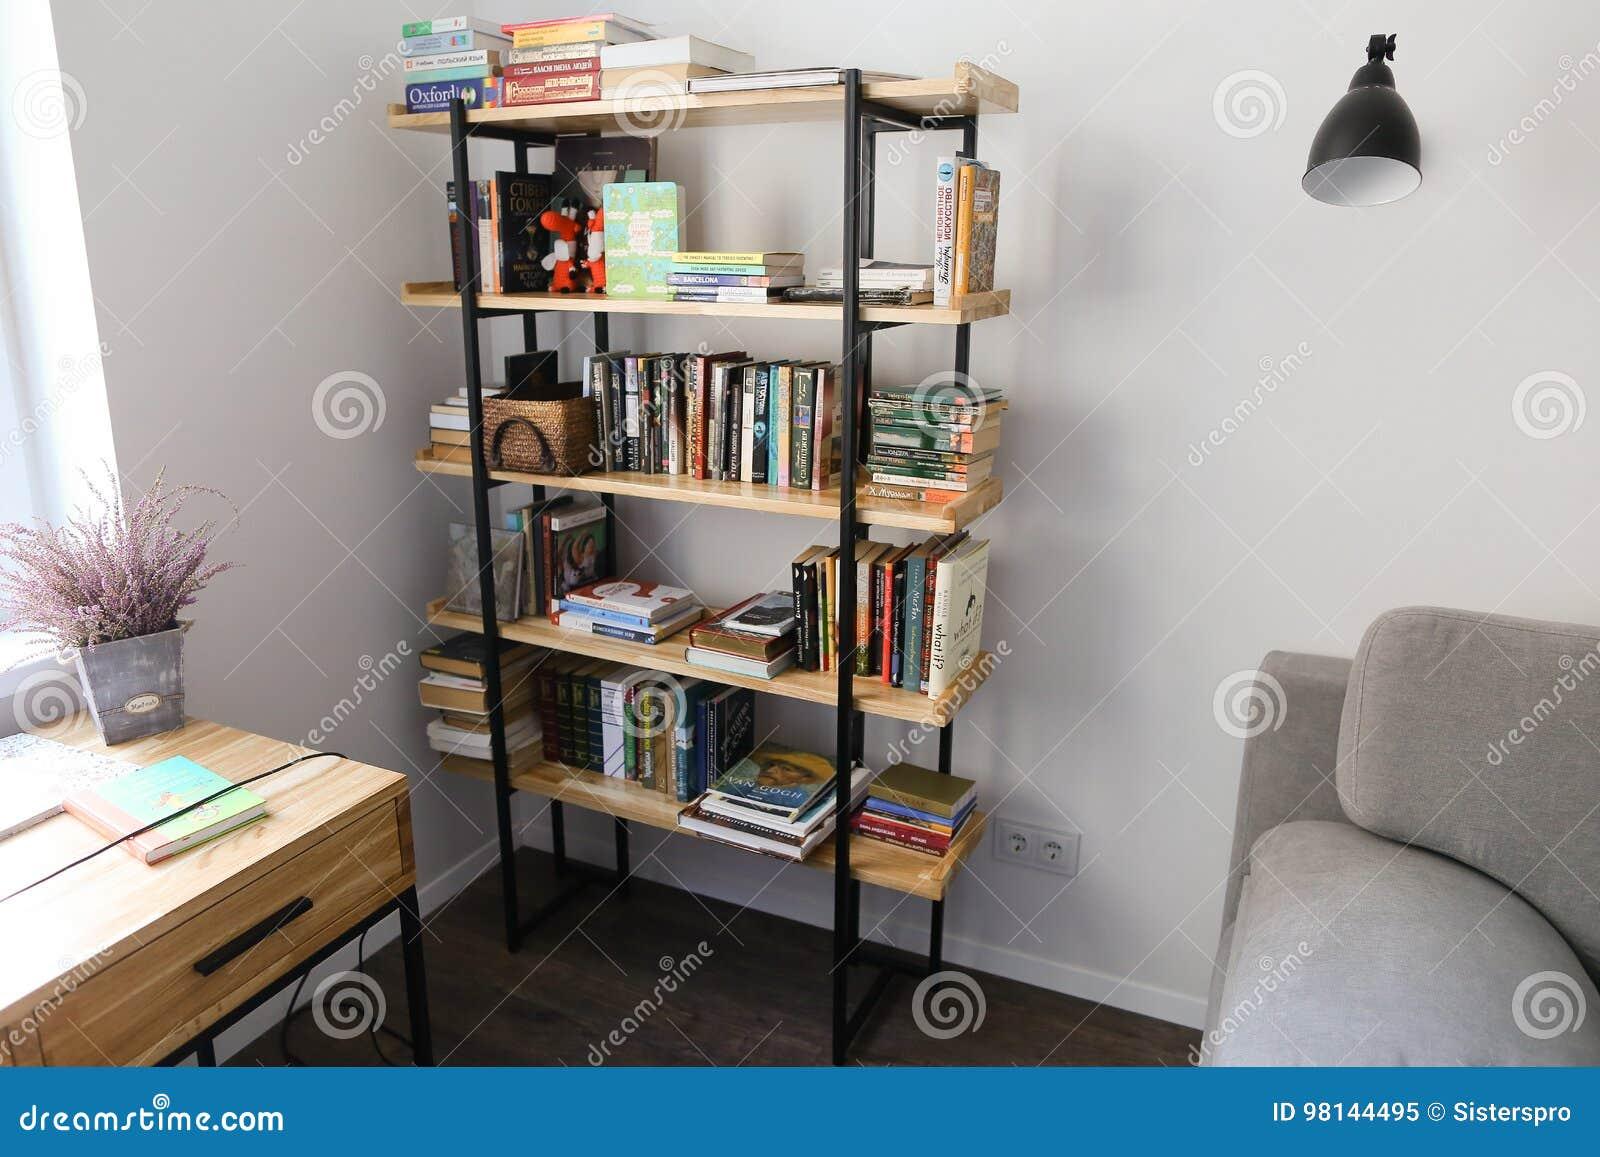 Bibliothèque dans le bureau meublé pour le travail ou les loisirs